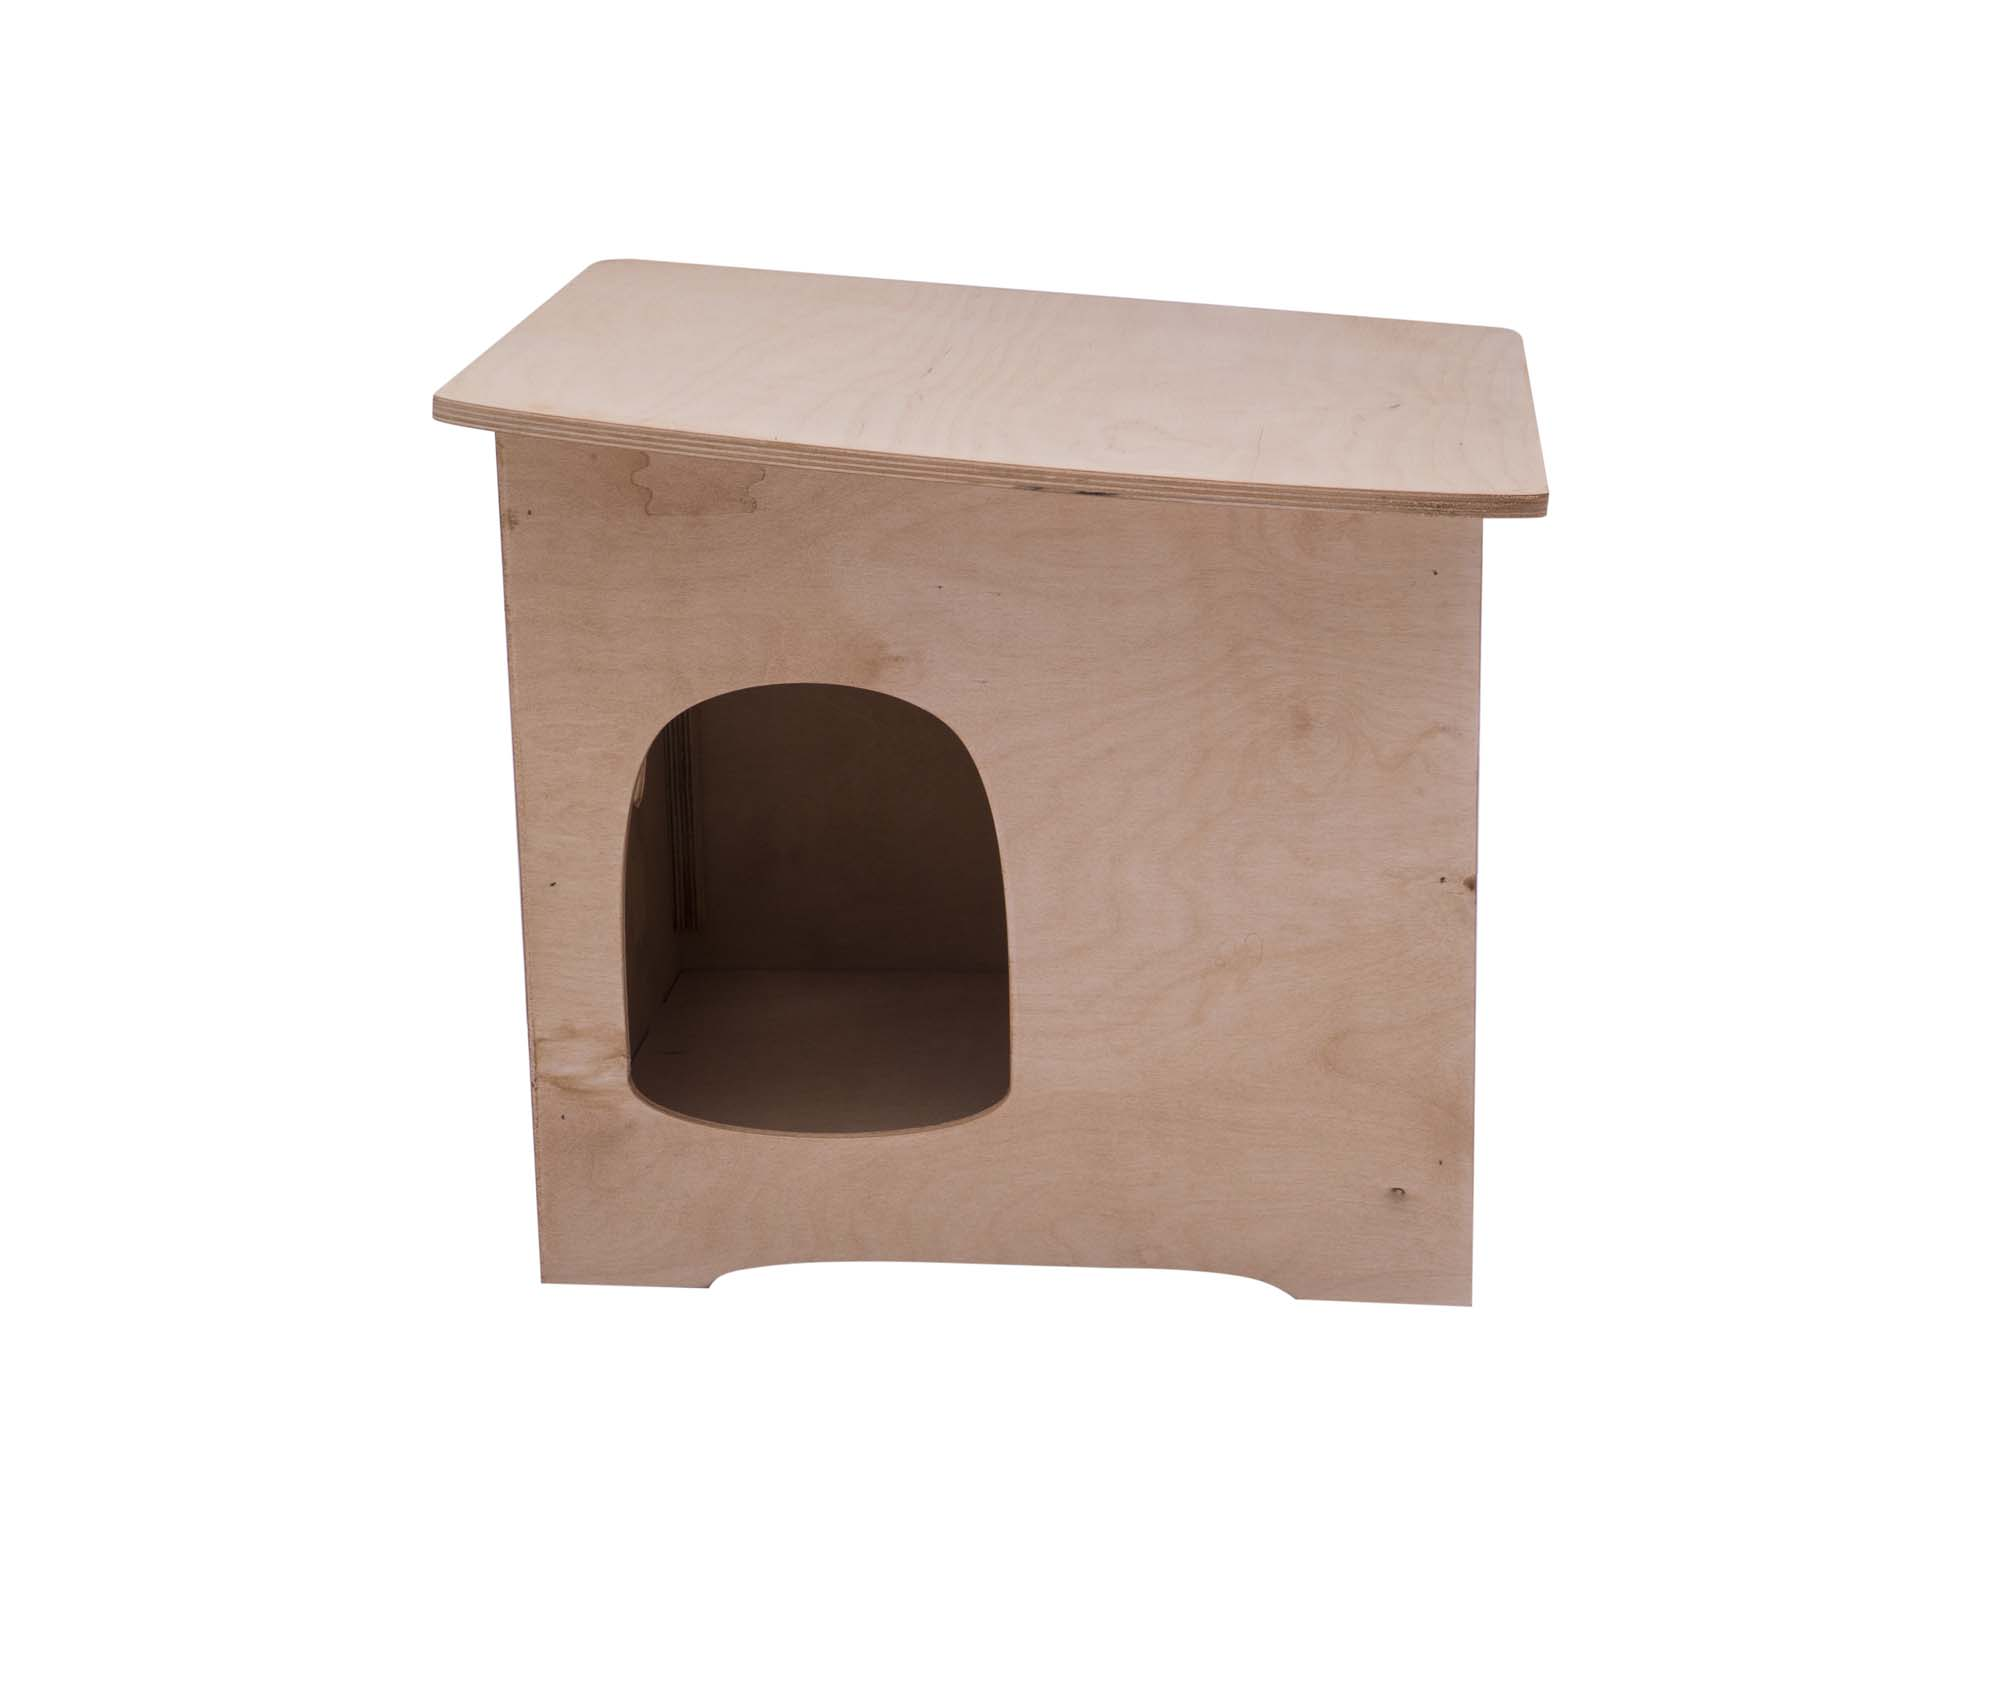 Cucce Piccole Per Cani dettagli su cuccia per cani taglia piccola da interno legno multistrato di  betulla pet002